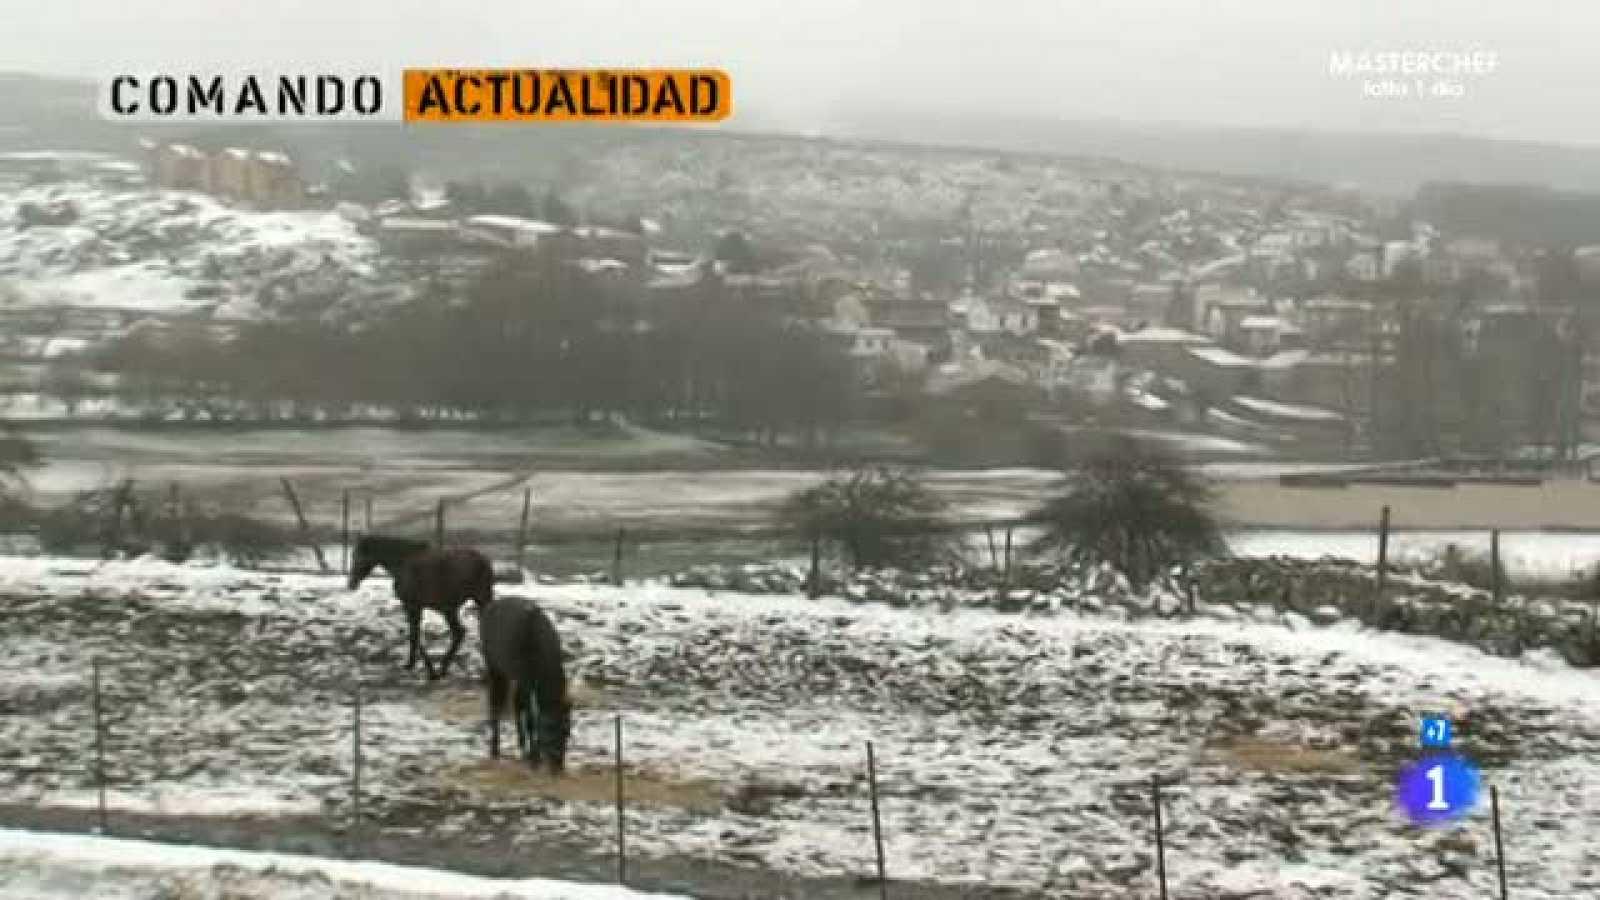 Comando Actualidad - De 1 a 5 estrellas - Turismo rural